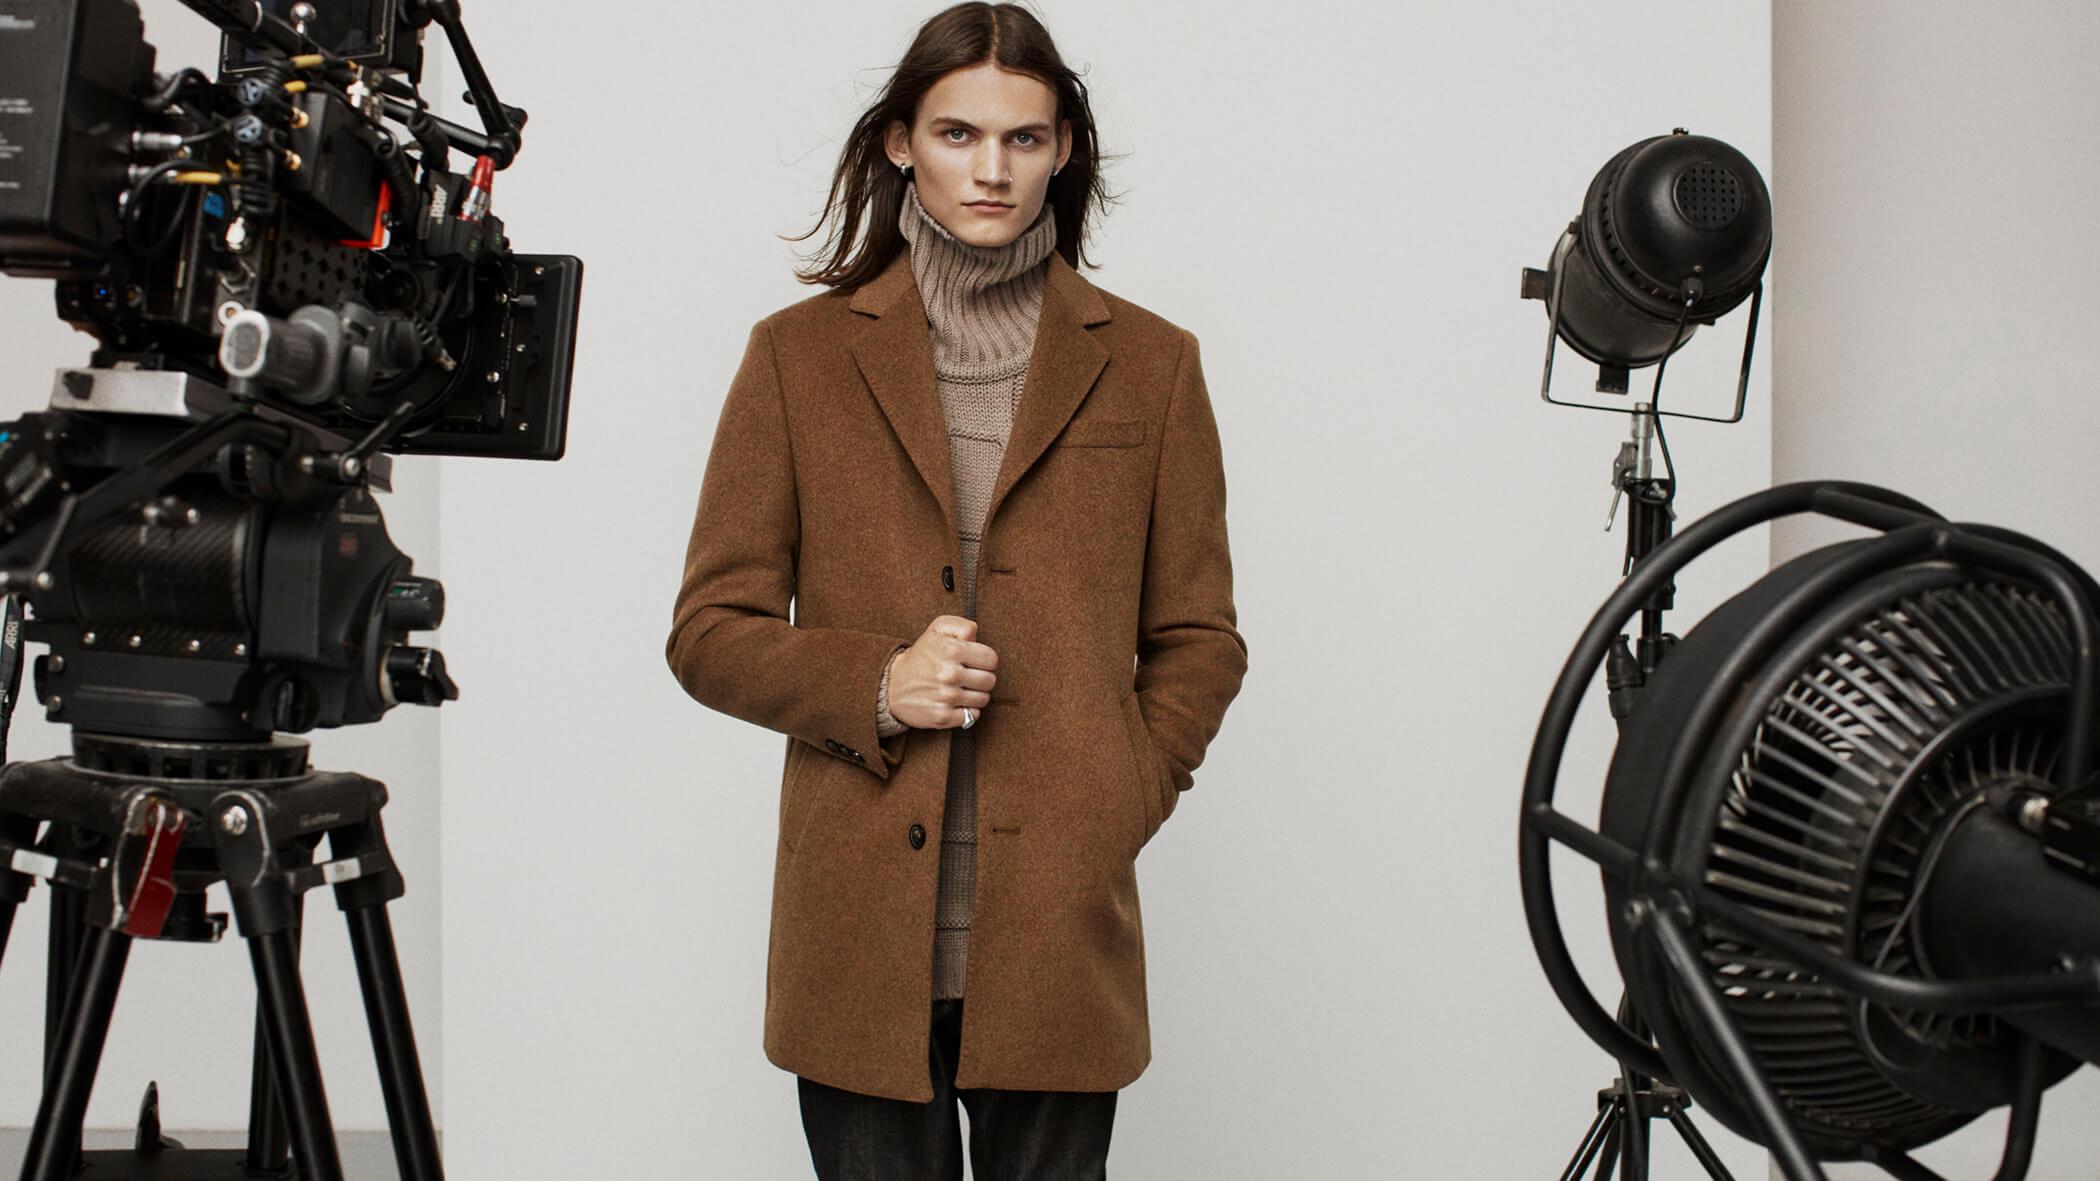 pako lorente oblicza stylu płaszcz męski